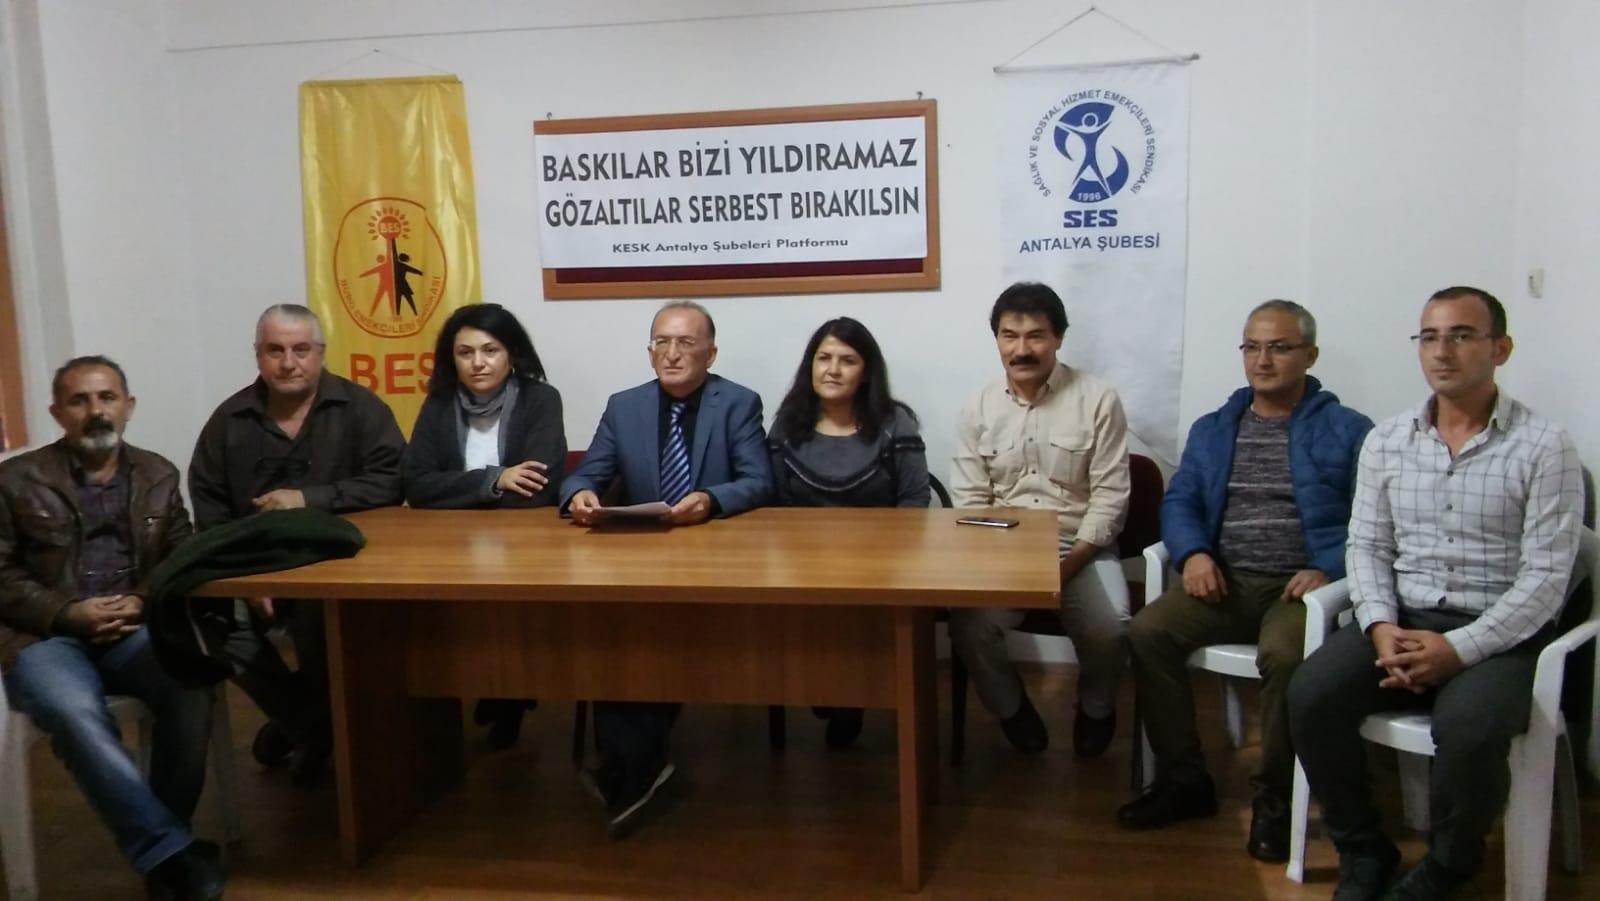 KESK Antalya Şubeler Platformu: Gözaltına Alınan Arkadaşlarımız Derhal Serbest Bırakılsın